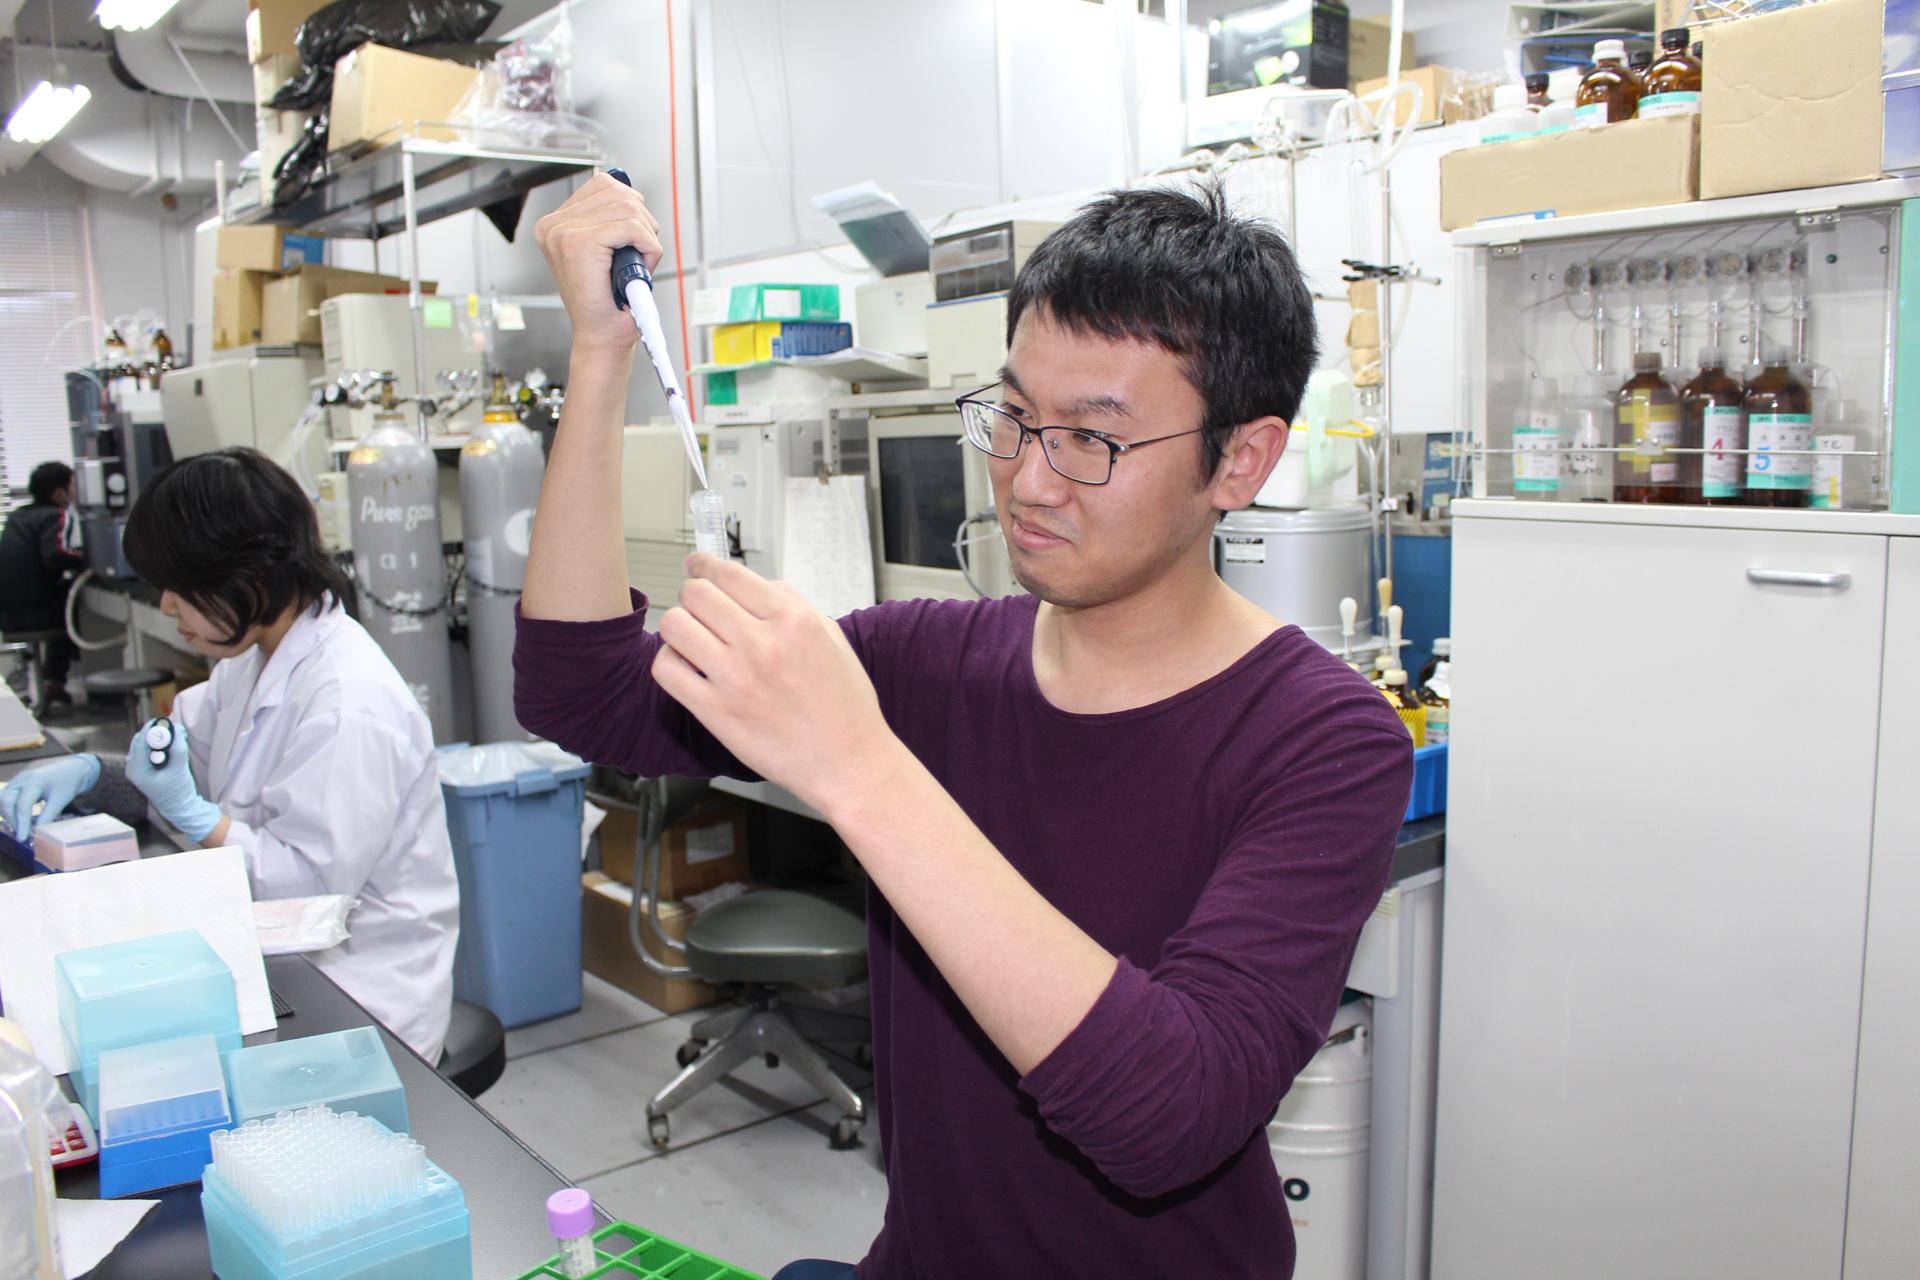 テルペン合成酵素は広く細菌に分布している――北里大学の研究グループが、休眠状態のテルペン合成酵素遺伝子の覚醒による新奇テルペン化合物を発見